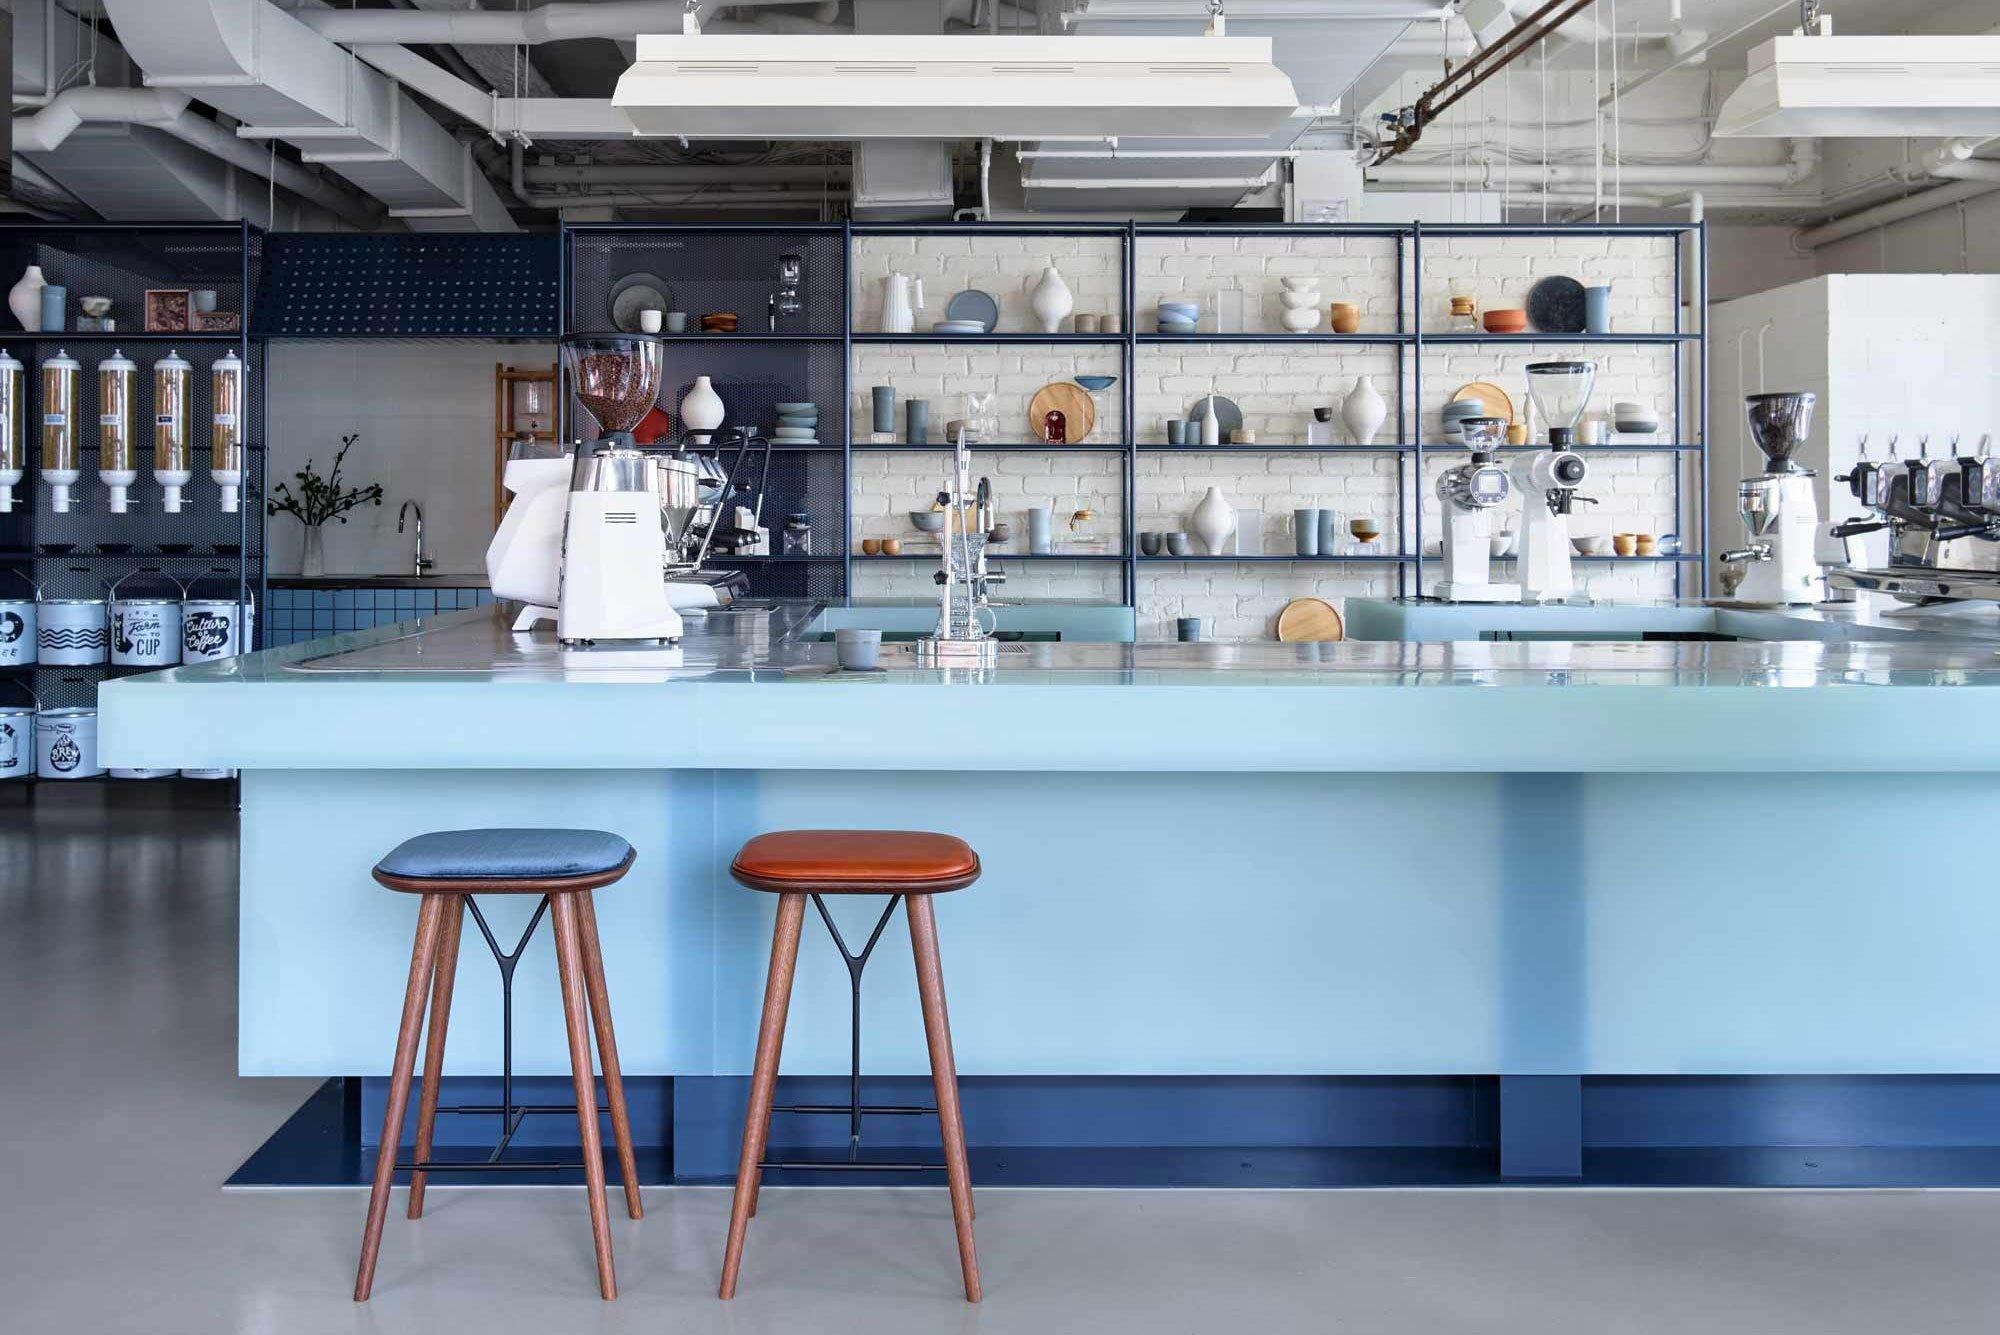 """Café, Firmensitz und Rösterei in einem: Das Will & Co in Sydney verwandelt ein Strandhaus in einen zeitgemäßen Arbeitsplatz zum """"Abtauchen""""."""